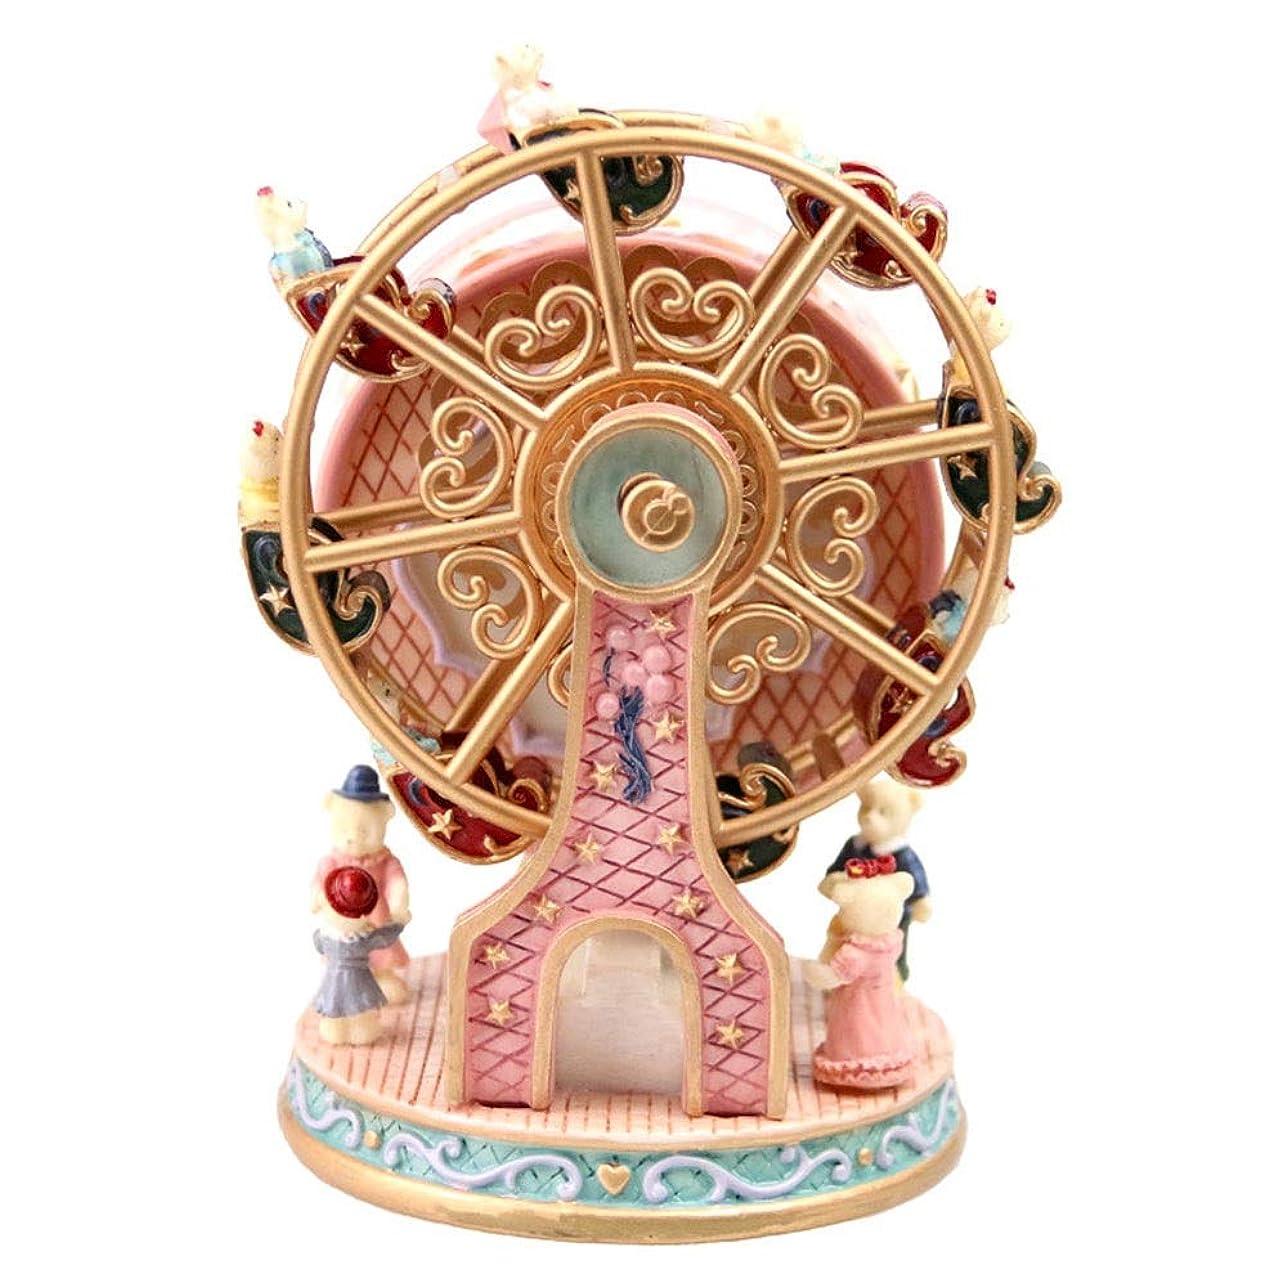 解決部門アプライアンスアート ヴィンテージ観覧車観覧車のオルゴールオルゴールウィニー樹脂の装飾品の家庭用家具のギフトパーソナライズされた誕生日プレゼントクリスマスプレゼント10 * 10 * 15センチメートル 飾る (色 : Pink)